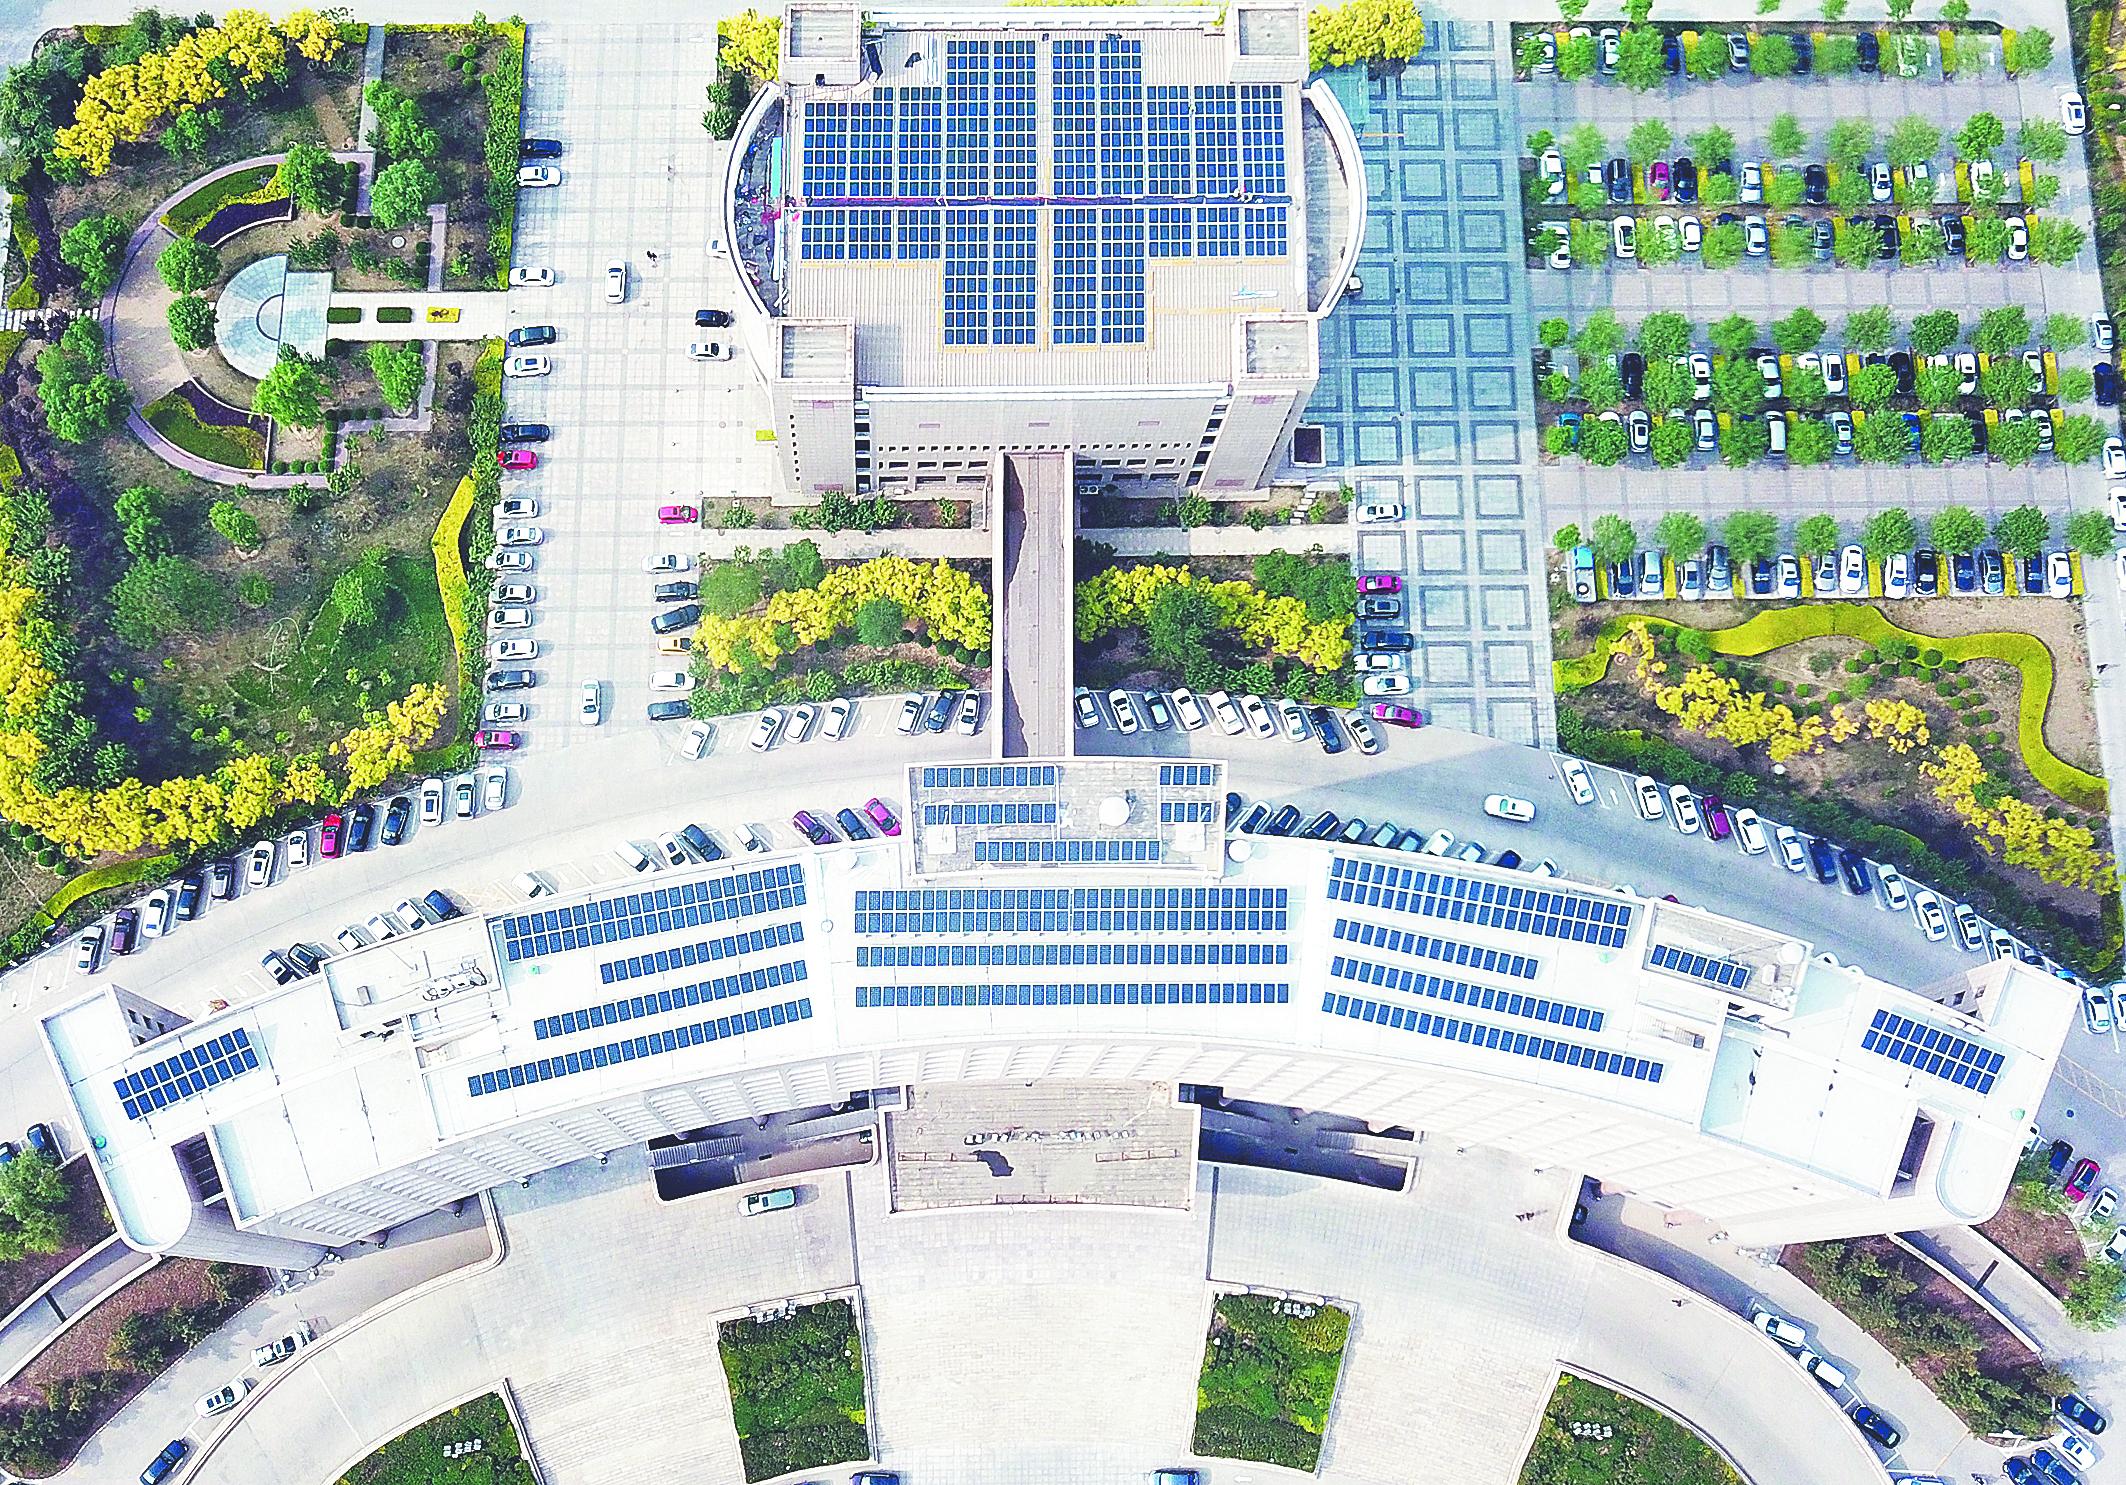 张店区政务中心正式用上光伏发电 每天发电量约1000度左右